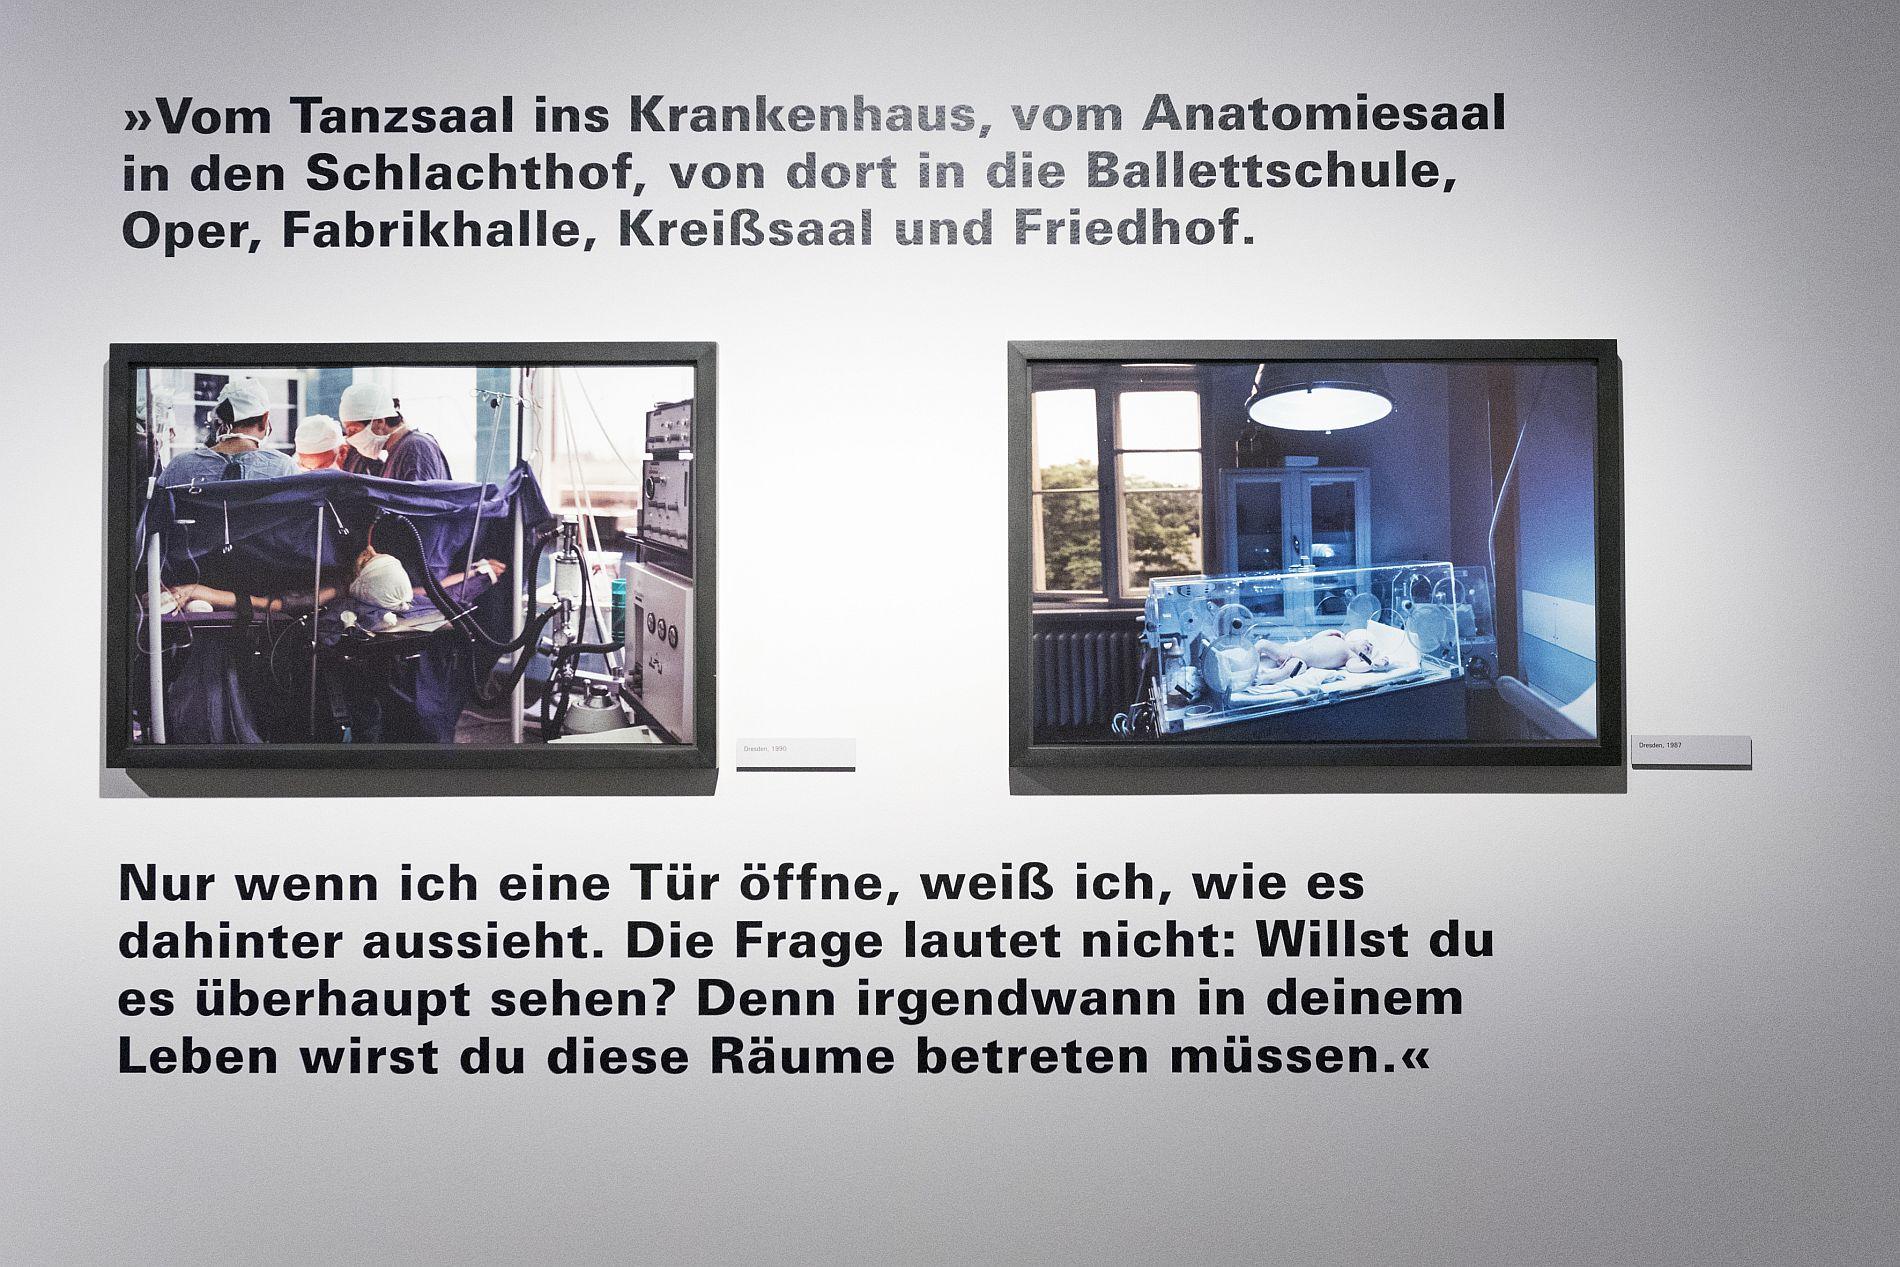 Die Ausstellung 'Zuhause ist ein fernes Land' mit Fotografien von Gundula Schulze Eldowy im Ausstellungspavillon der Stiftung Haus der Geschichte in Bonn